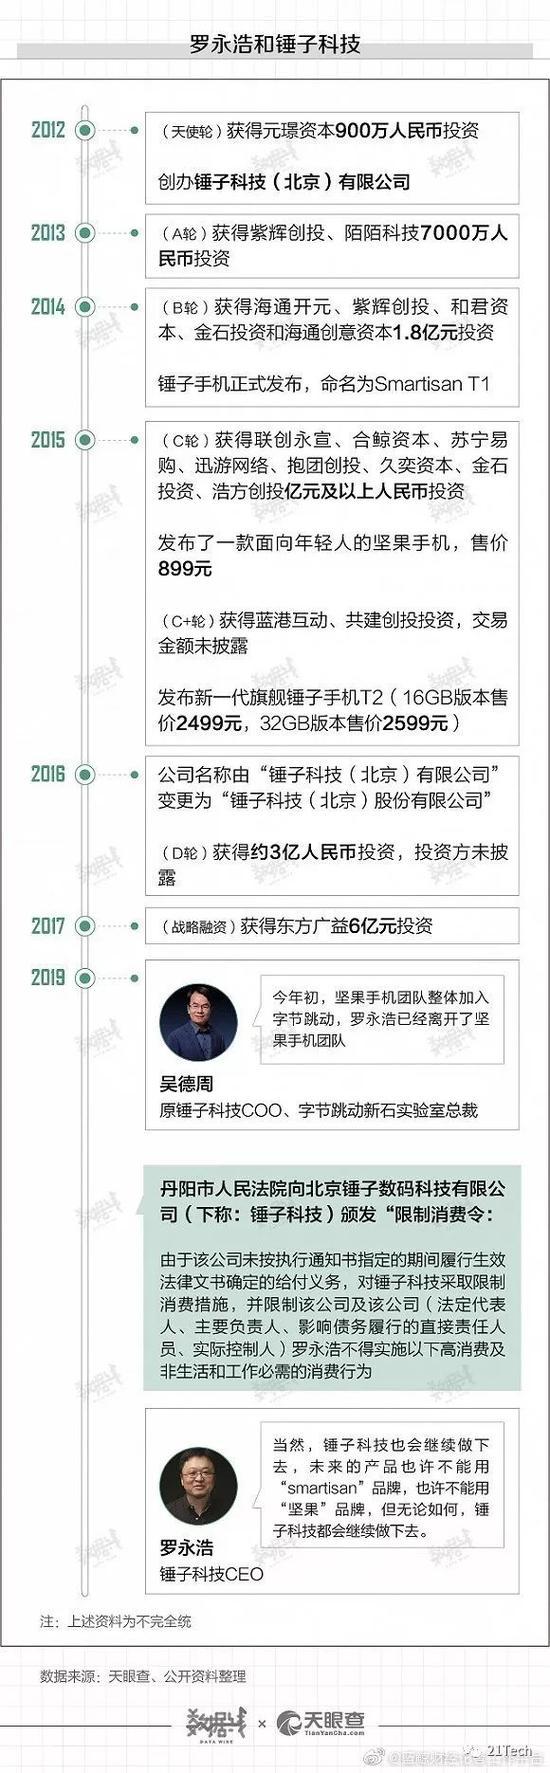 沙巴棋牌网站_2020年济南全市人口将达770万,迈入特大城市行列!